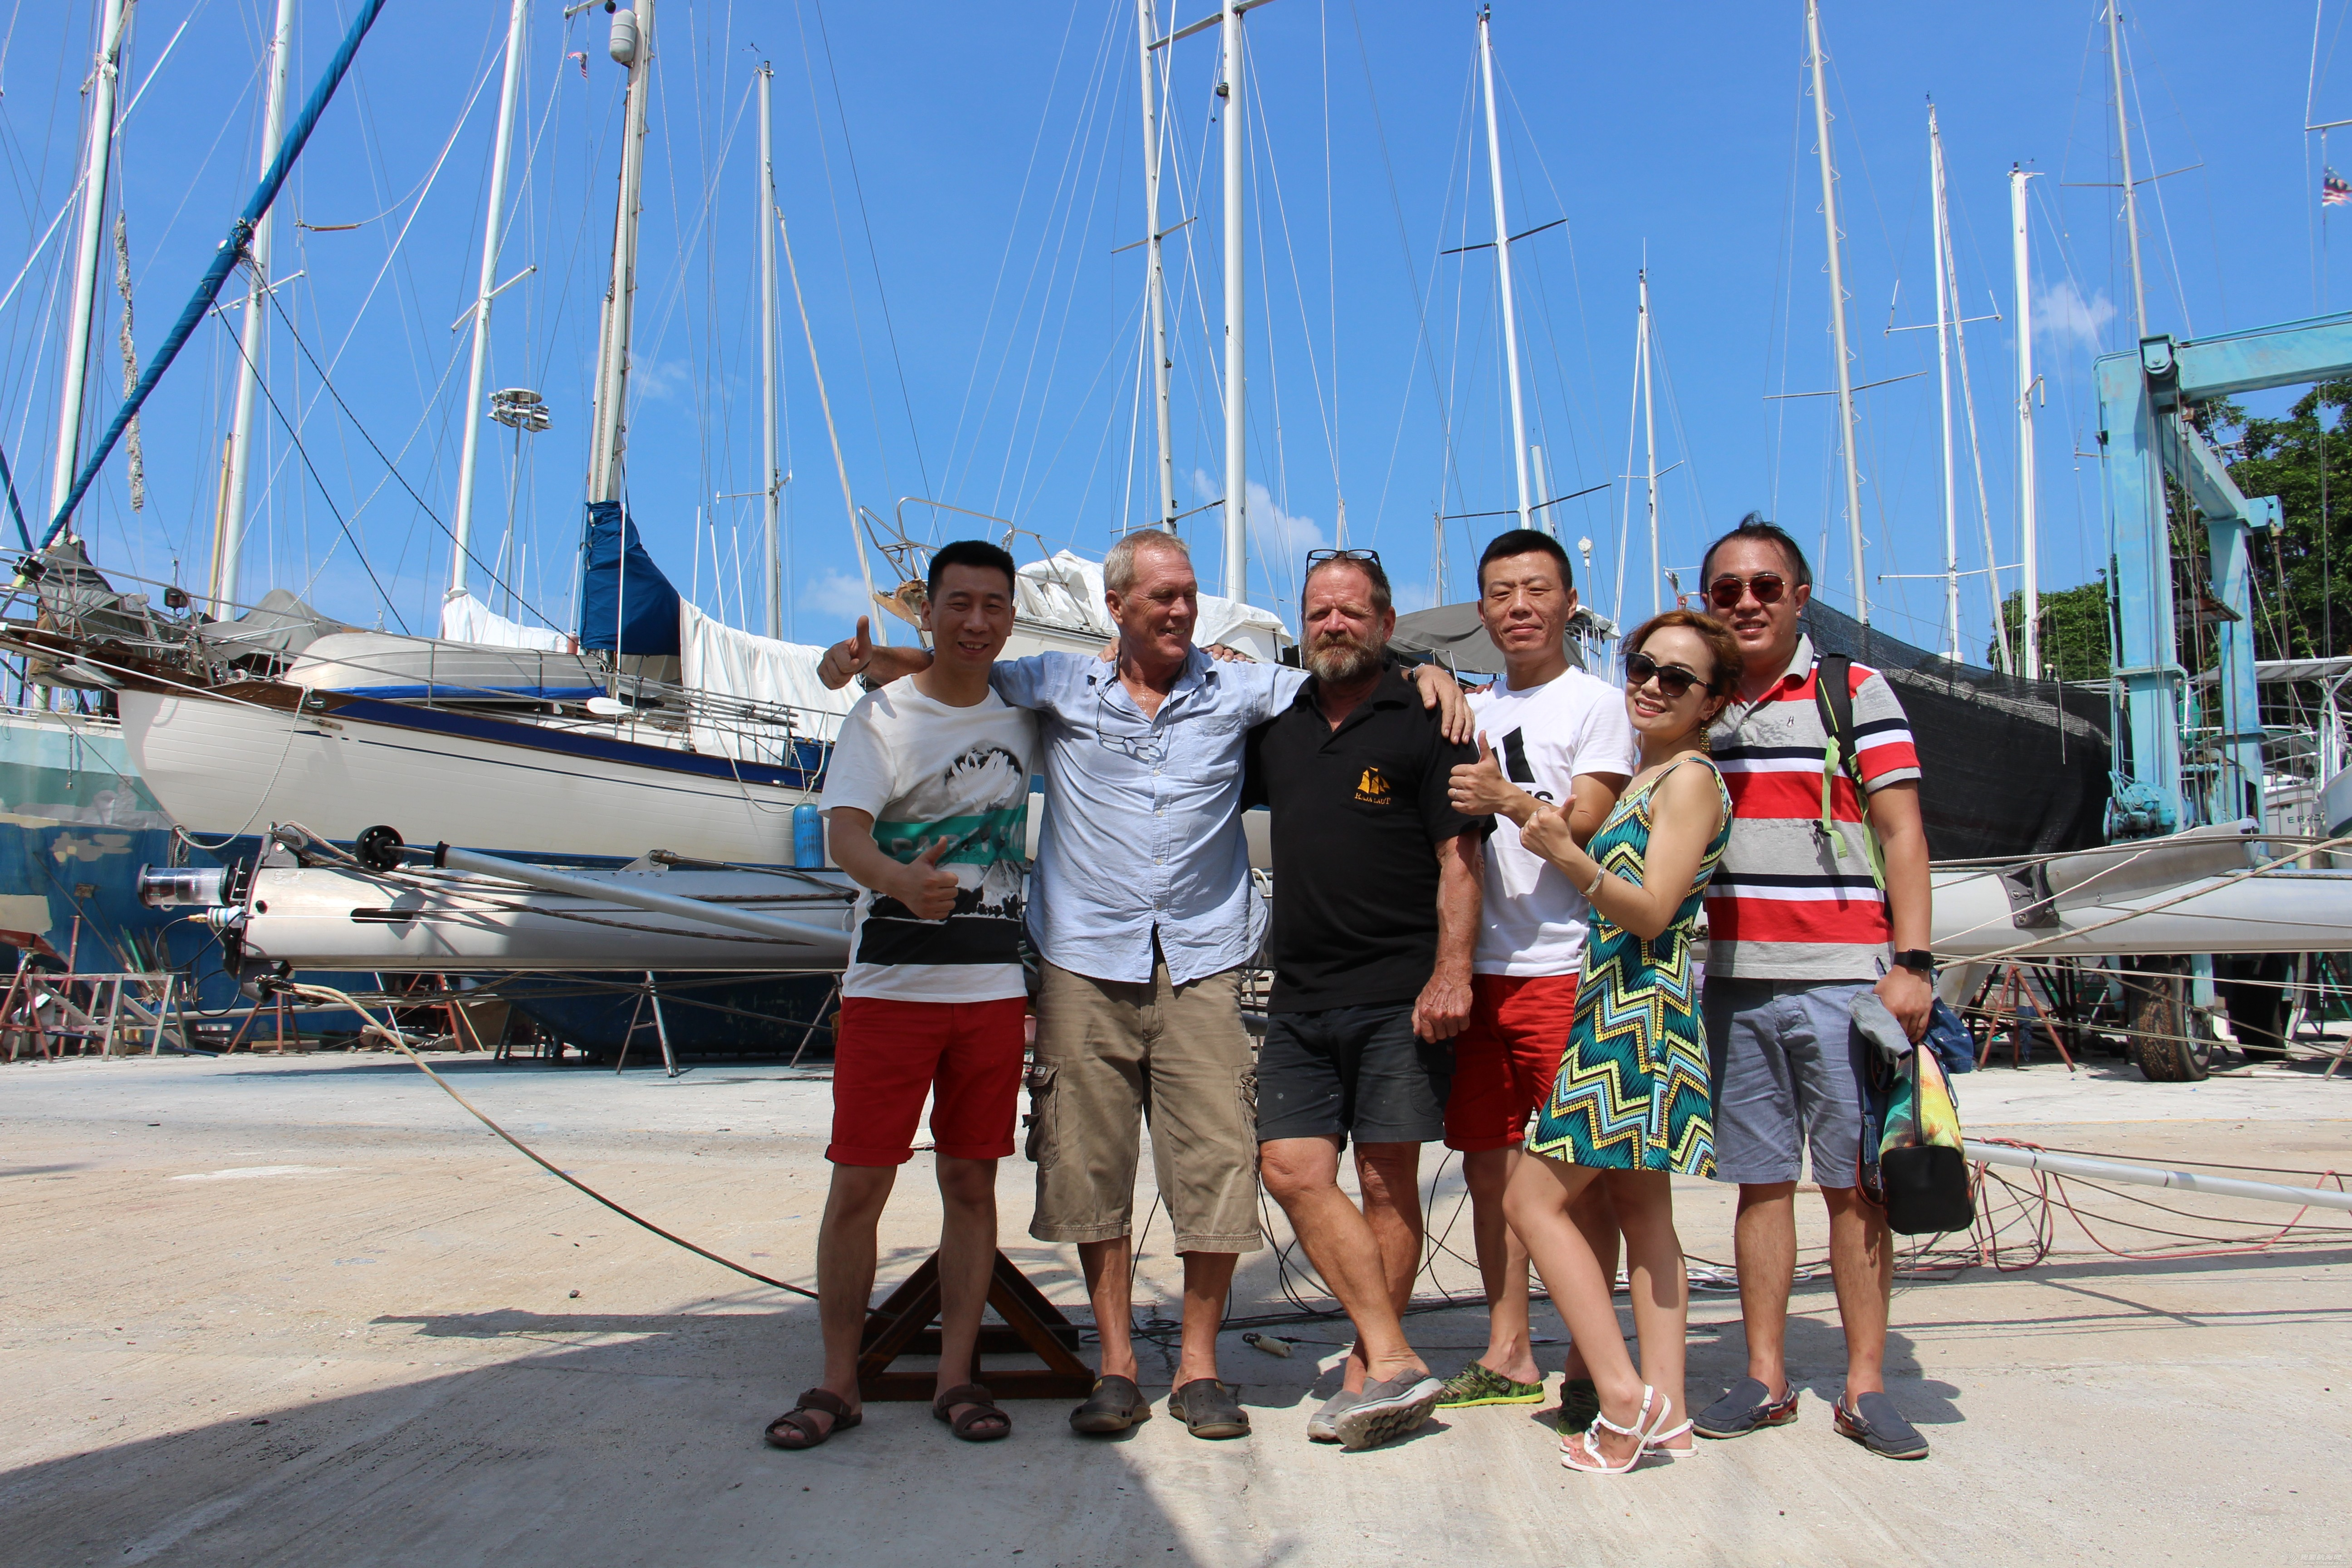 帆船 今天去看了帆船 IMG_0255.JPG